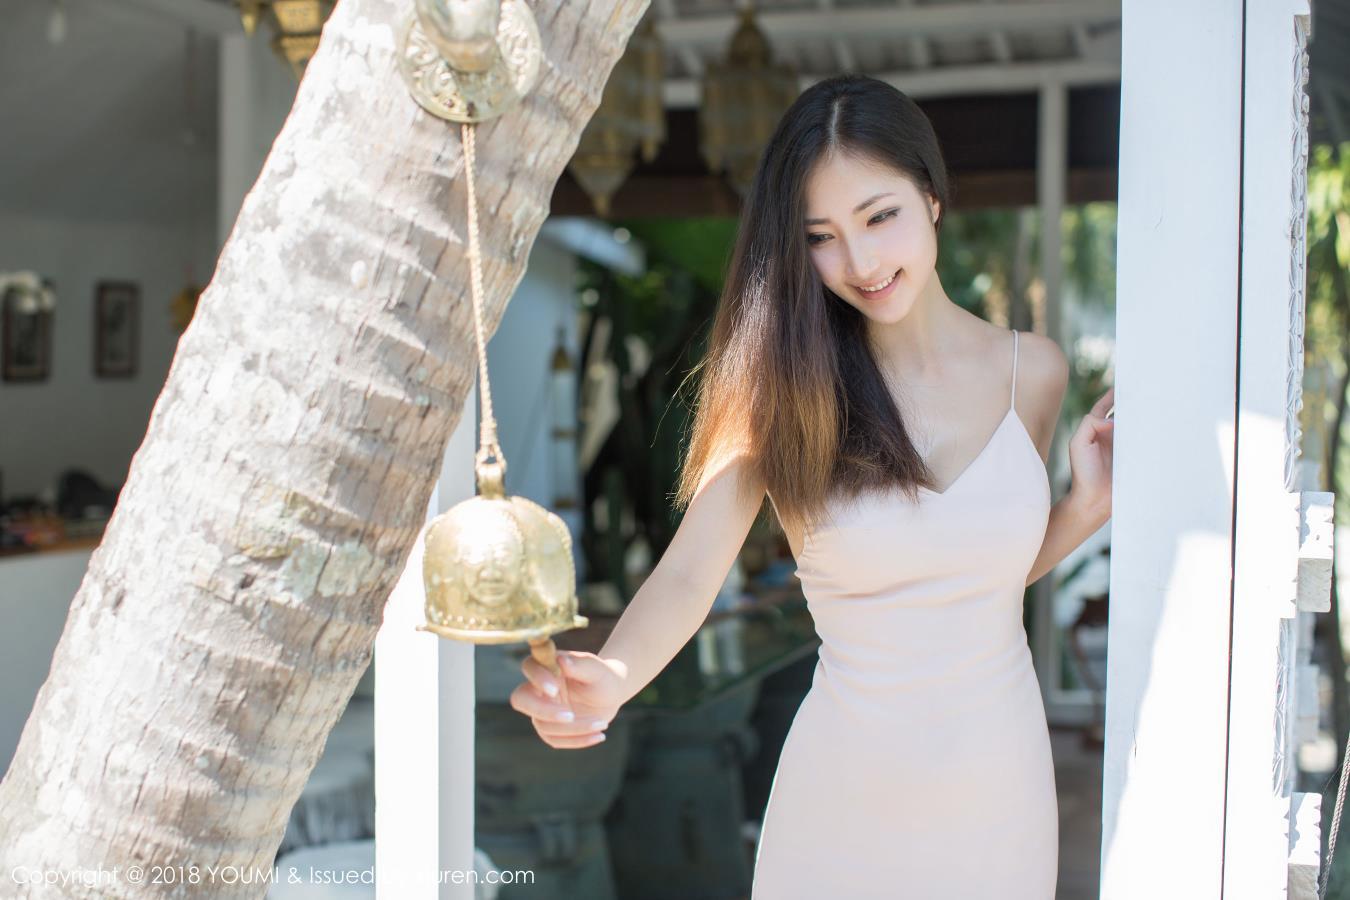 Yumi-尤美优雅长裙美女+比基尼泳装诱惑 尤蜜荟Vol.156Yumi尤美写真集